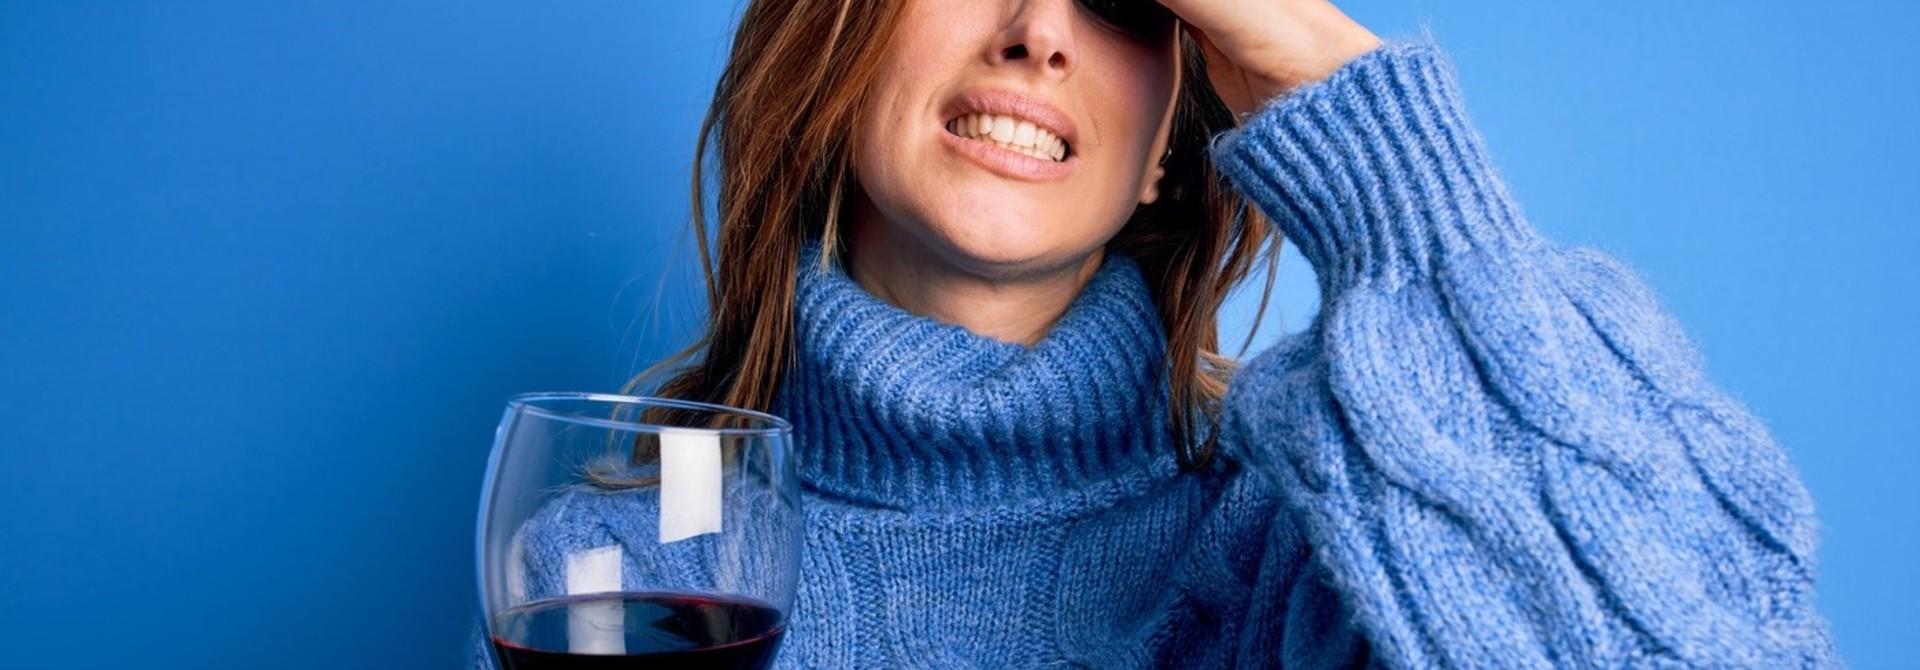 Hoofdpijn van wijn?